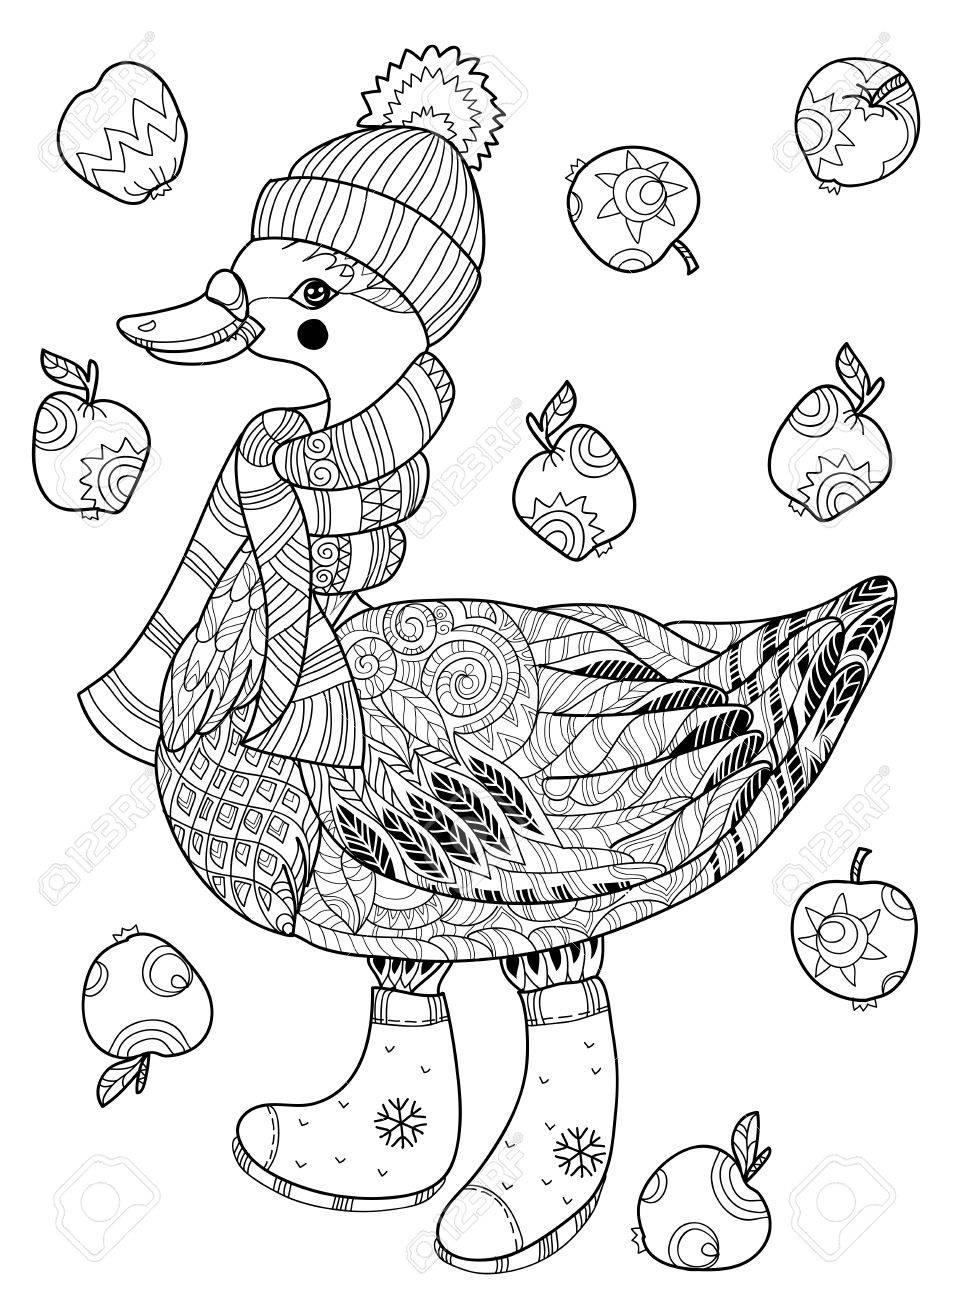 Banque d images - Oie de Noël dans drôle doodle chapeau avec collection  apples.Bird. ab8bf51b23d